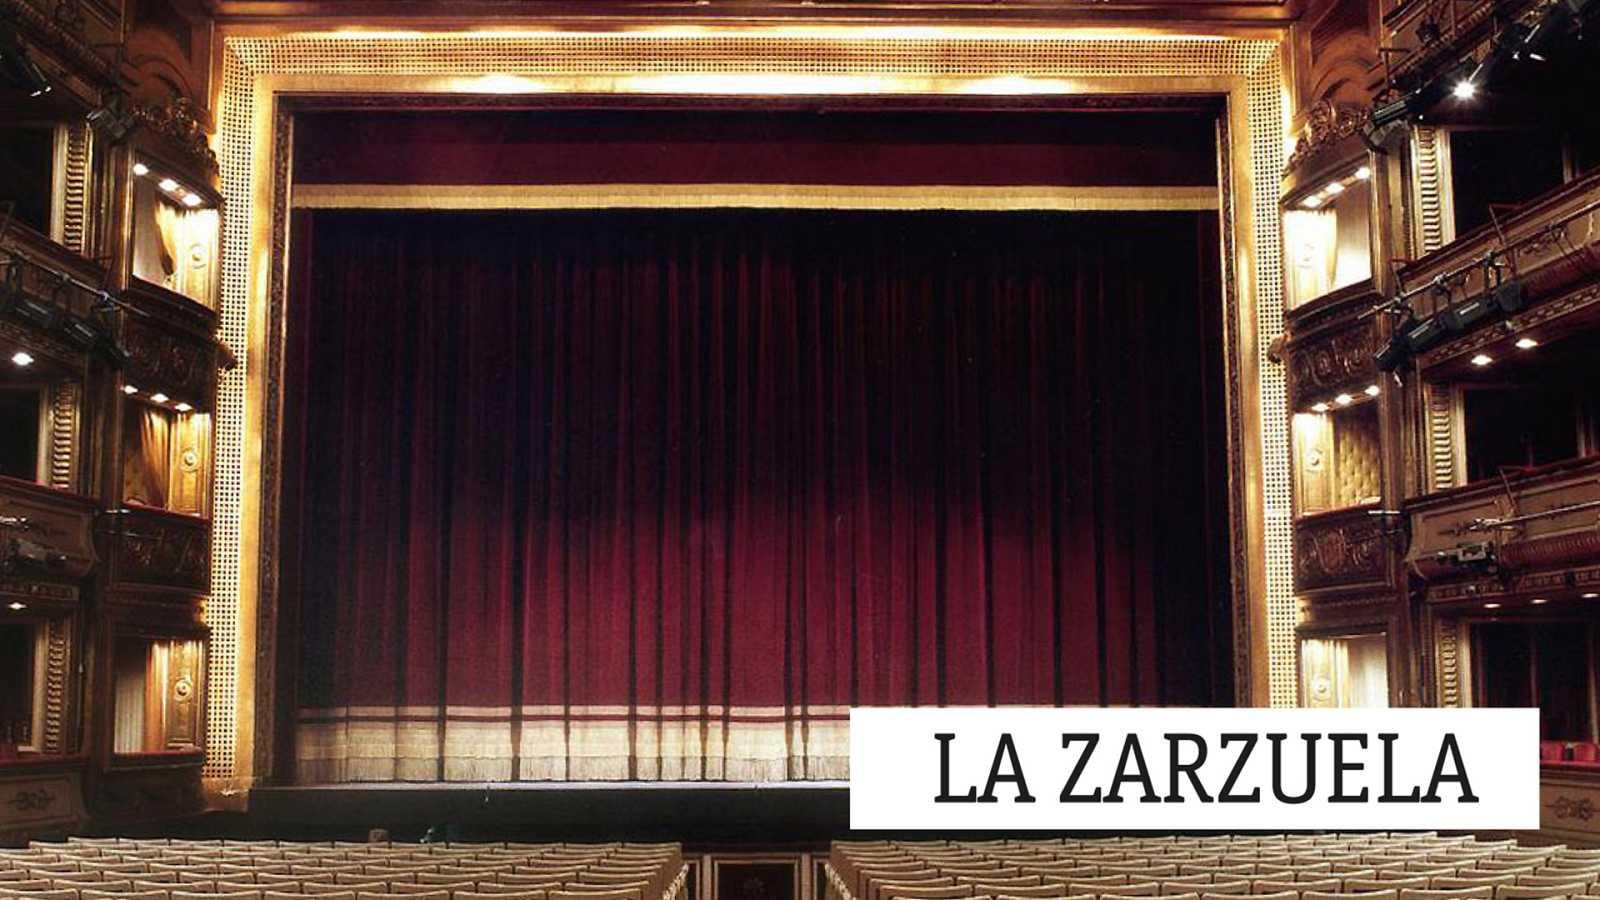 La zarzuela - Las calatravas en el Teatro de la Zarzuela - 10/03/21 - escuchar ahora